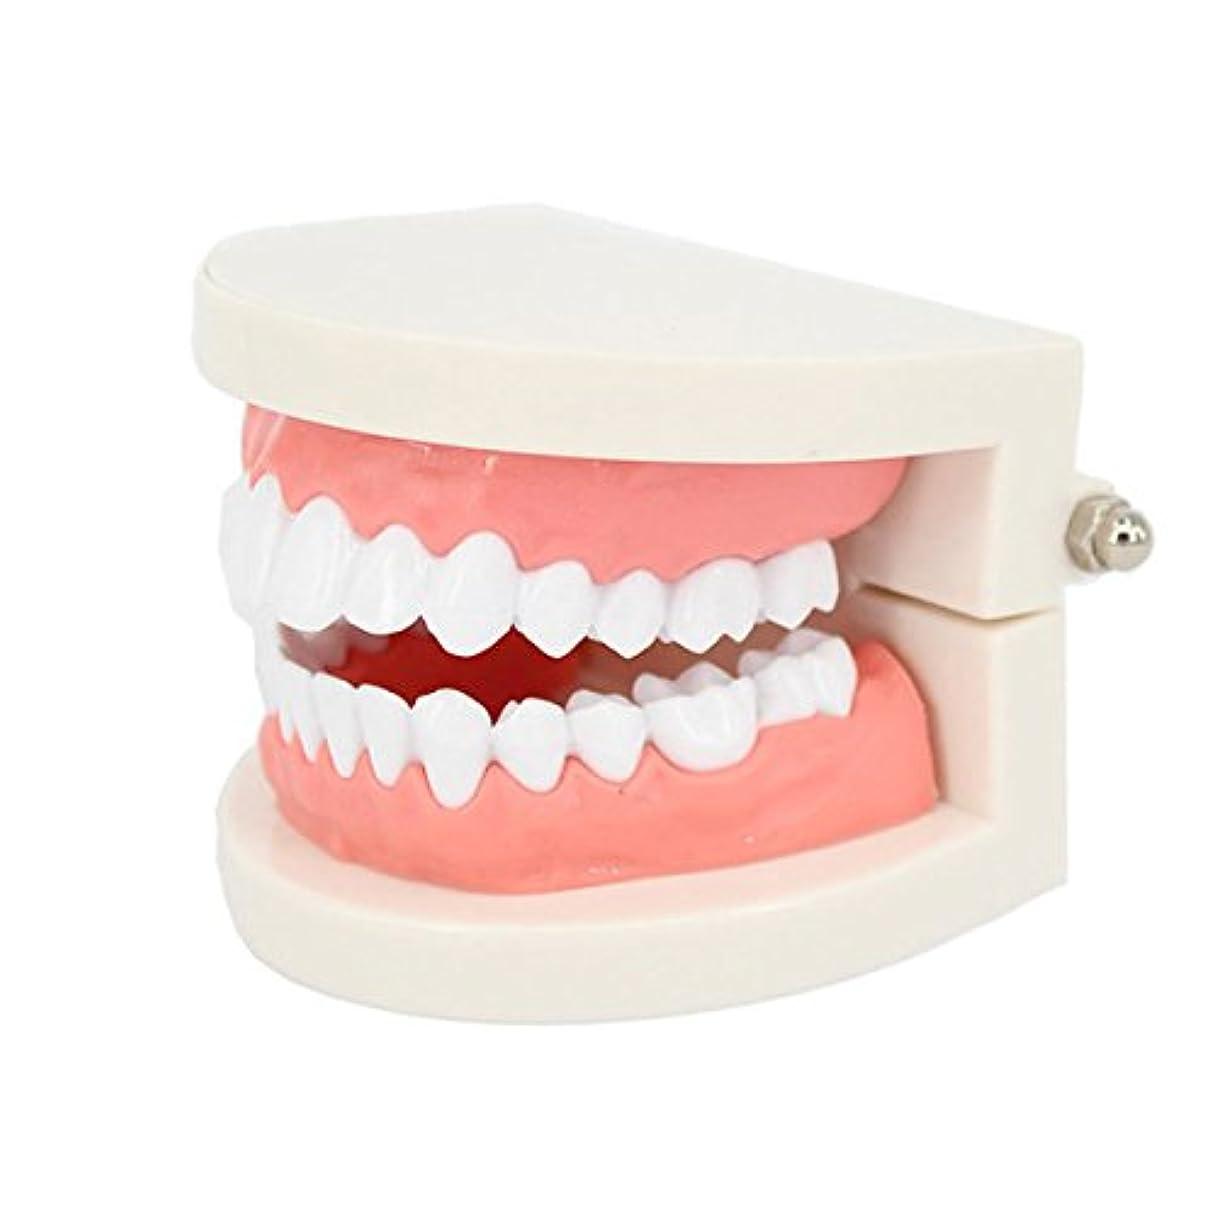 マイクロプロセッサお母さん平手打ちROSENICE 歯科医 歯列模型 歯は着脱可能 指導用模型